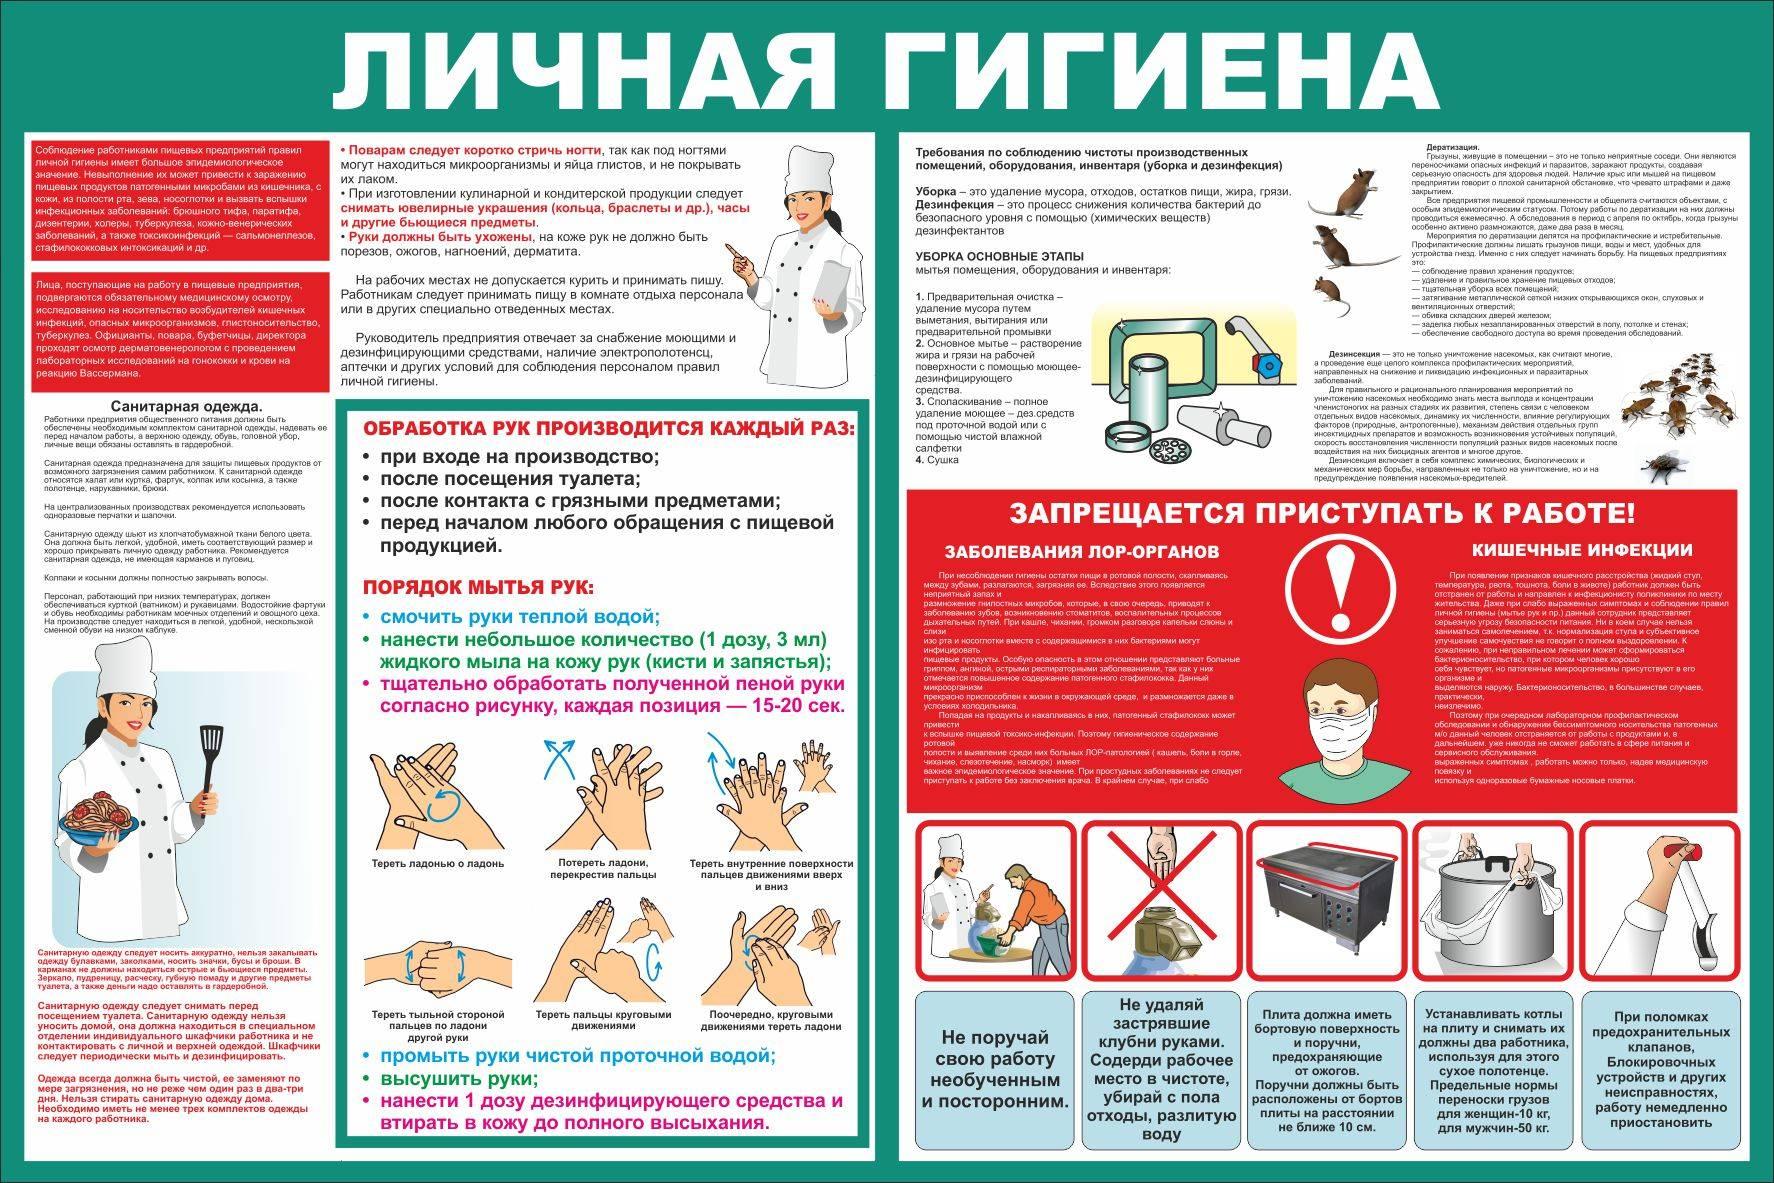 § 4. обеспечение личной безопасности в различных бытовых ситуациях